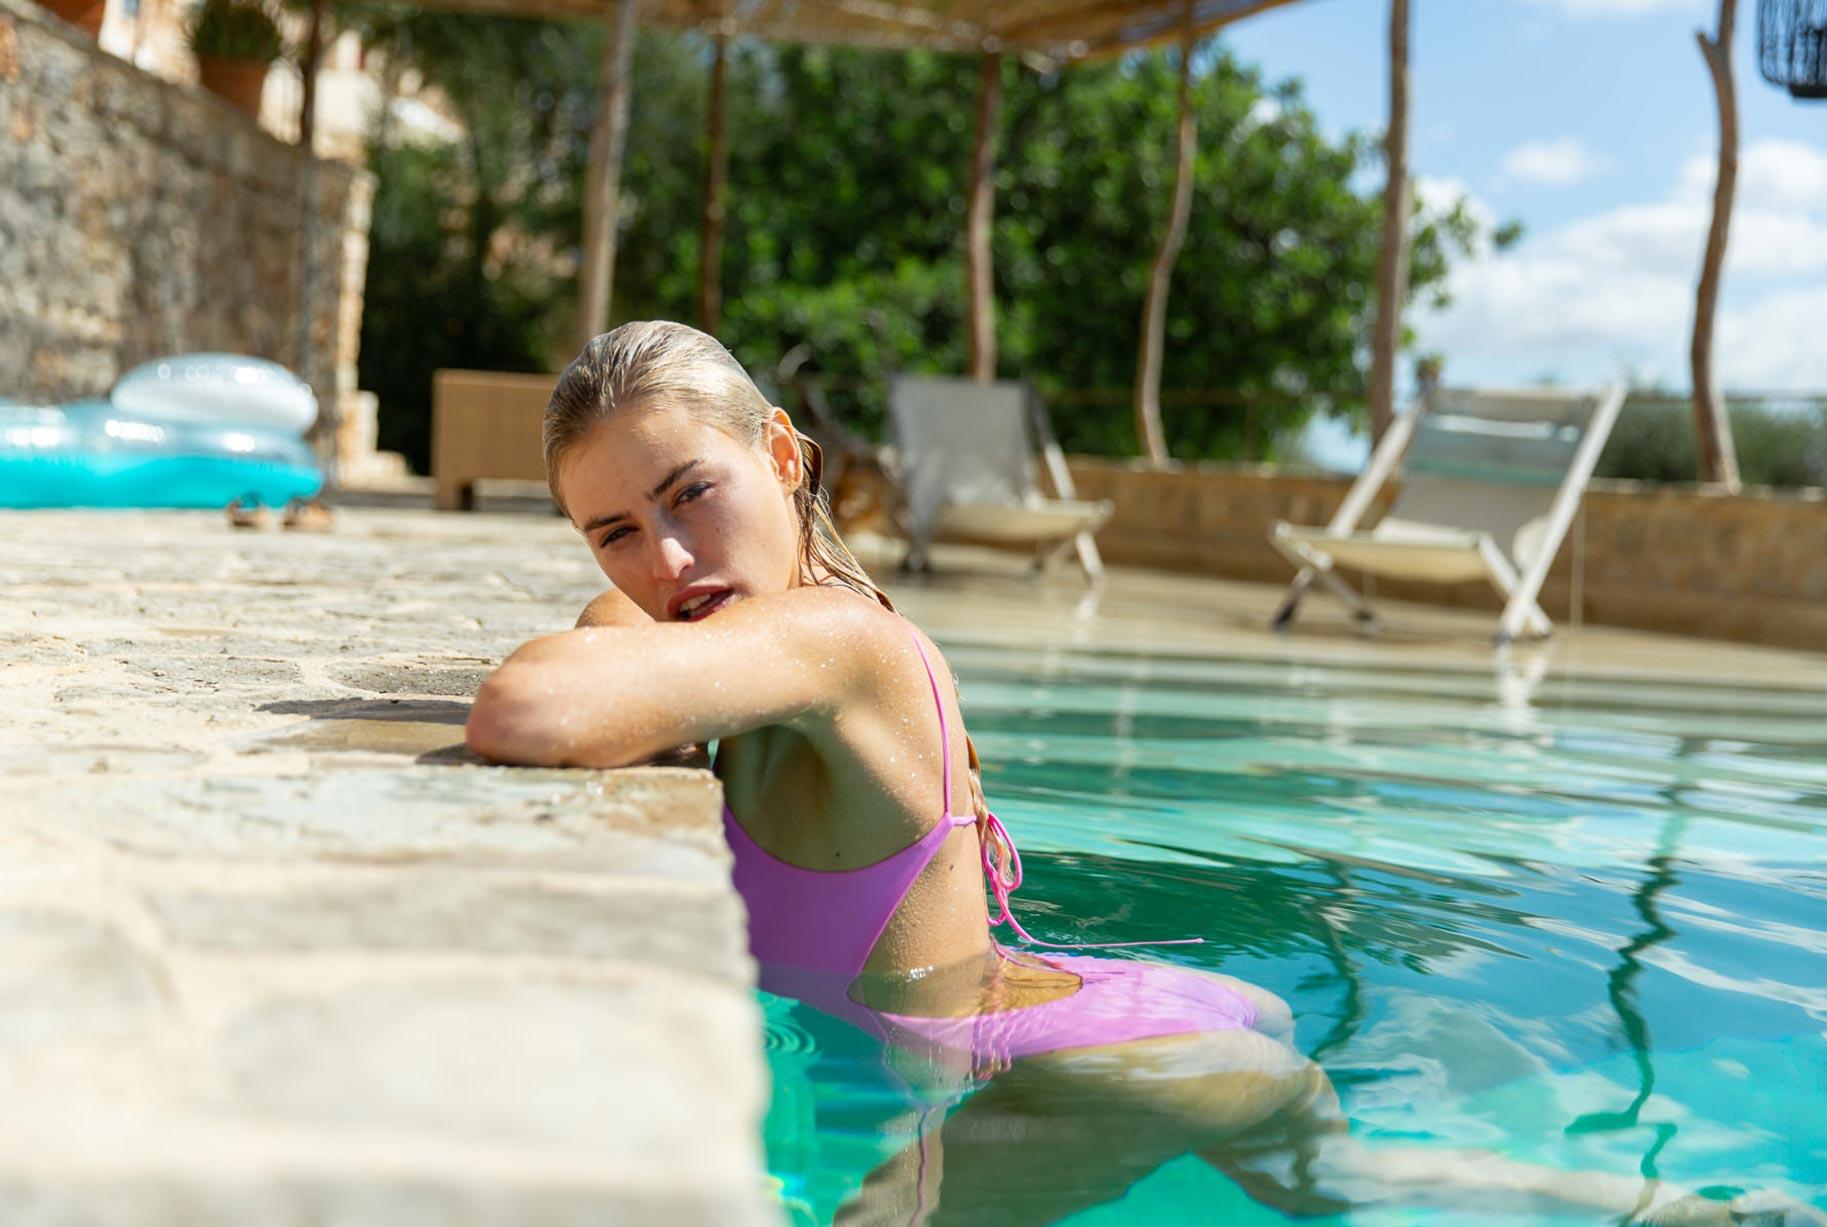 Блэйр Синно в купальниках модного бренда OceanChild Swimwear отдыхает у бассейна на Майорке / фото 06